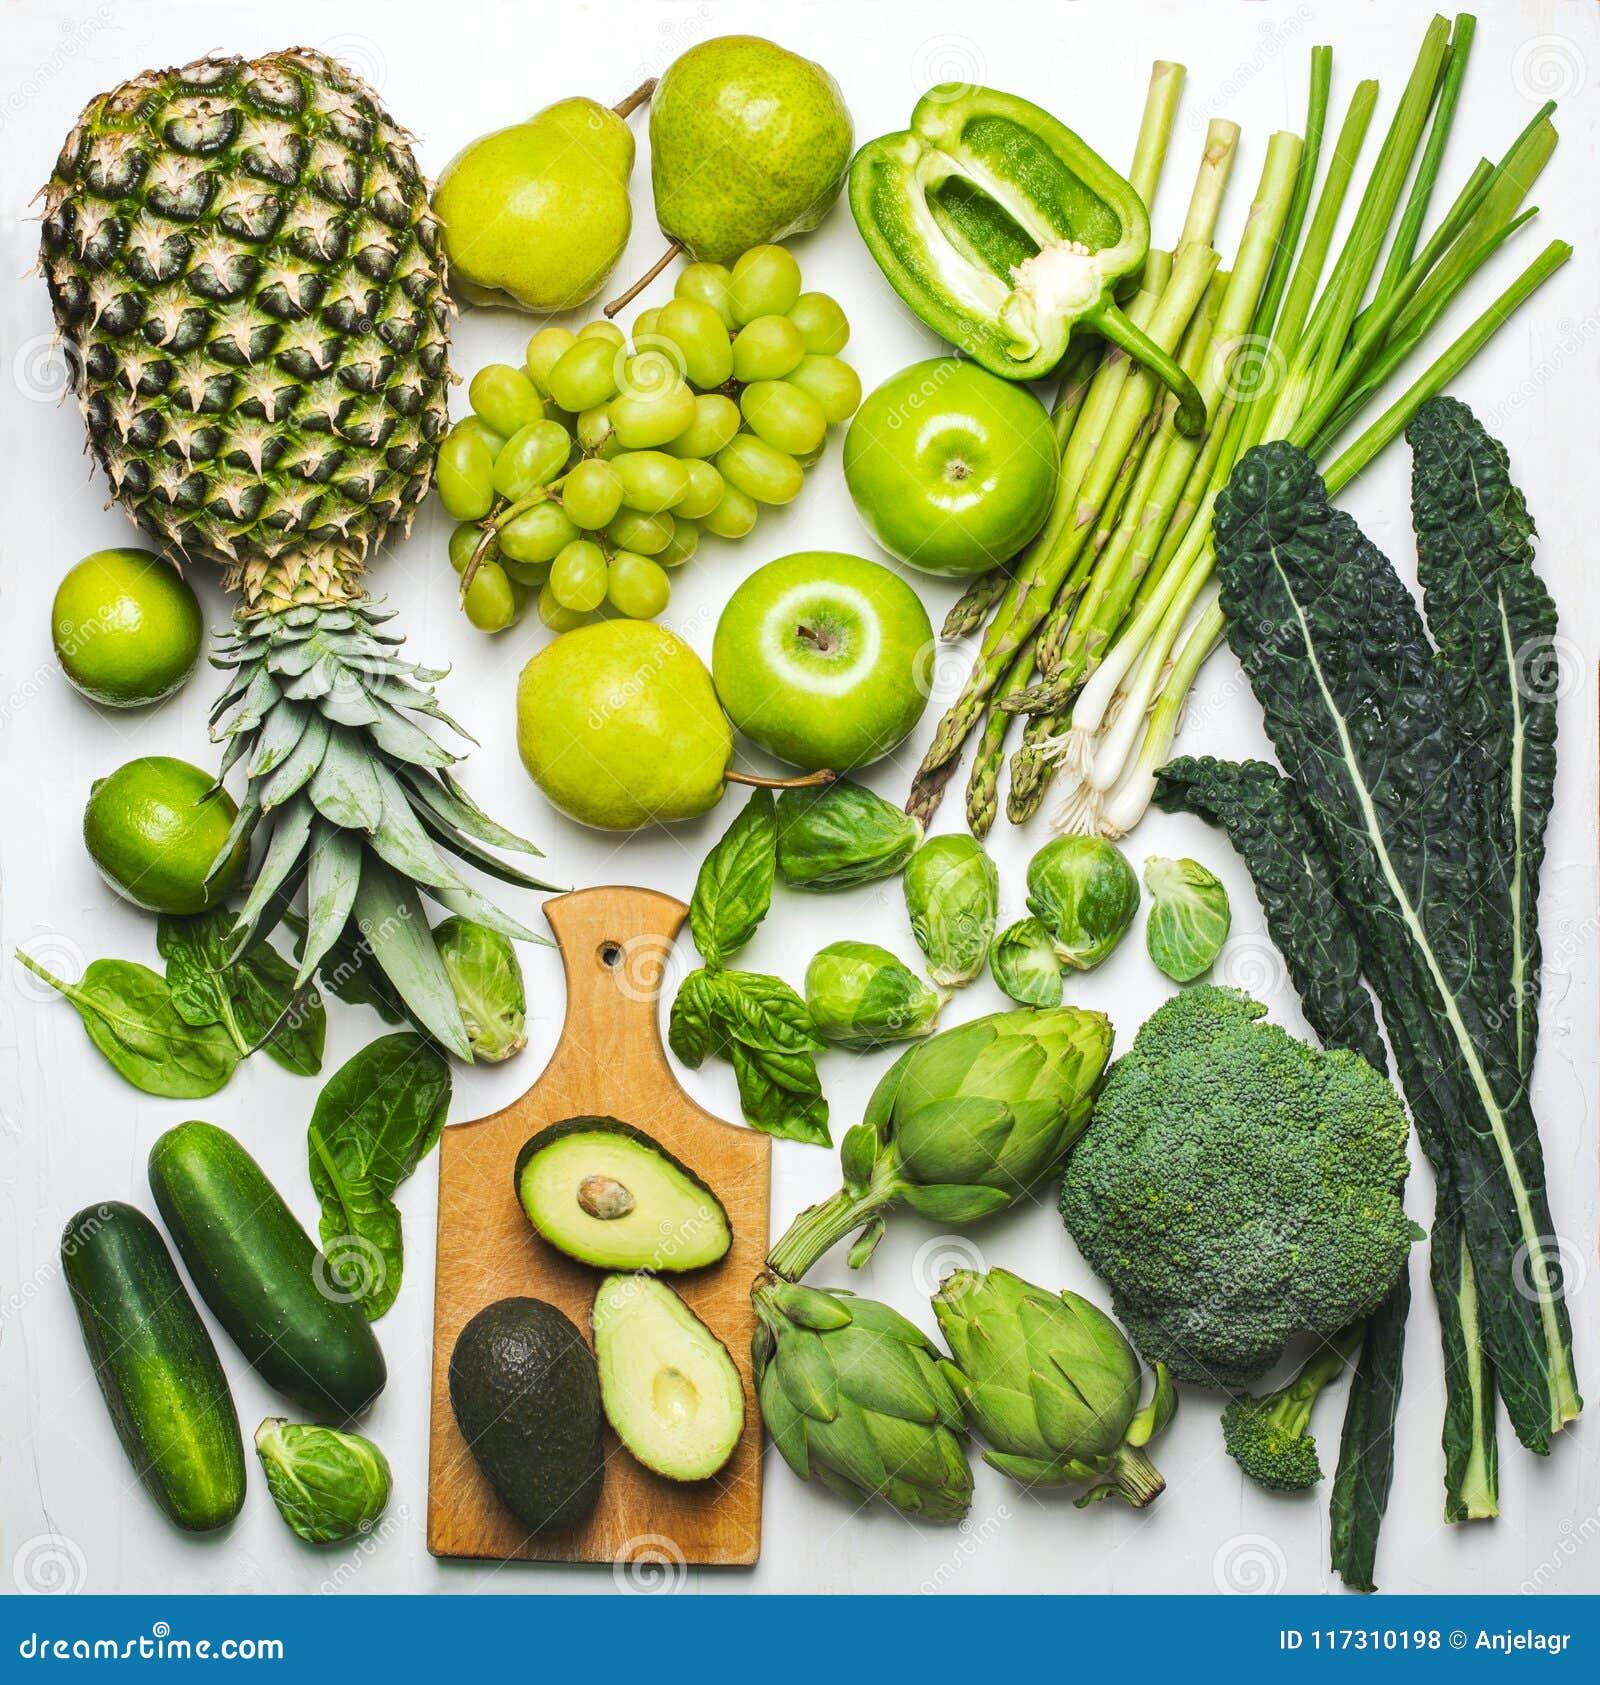 Πράσινα λαχανικά και φρούτα σε ένα άσπρο υπόβαθρο φρέσκα οργανικά προϊόντα